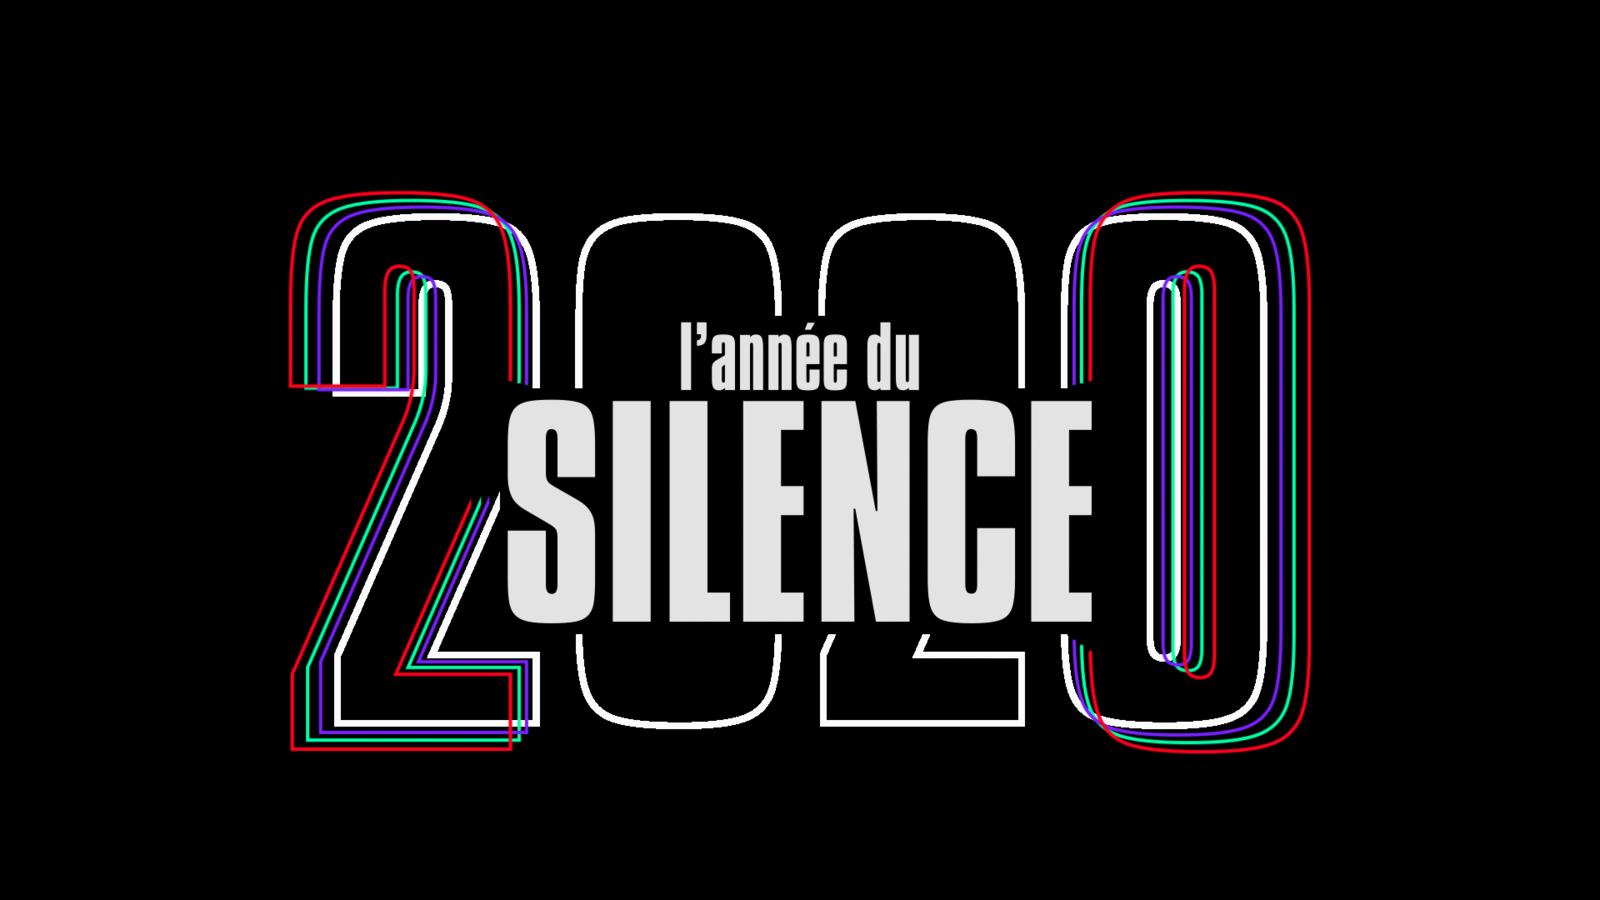 L Annee Du Silence Ce Mardi Soir Sur Tmc Rubrique De Quotidien Leblogtvnews